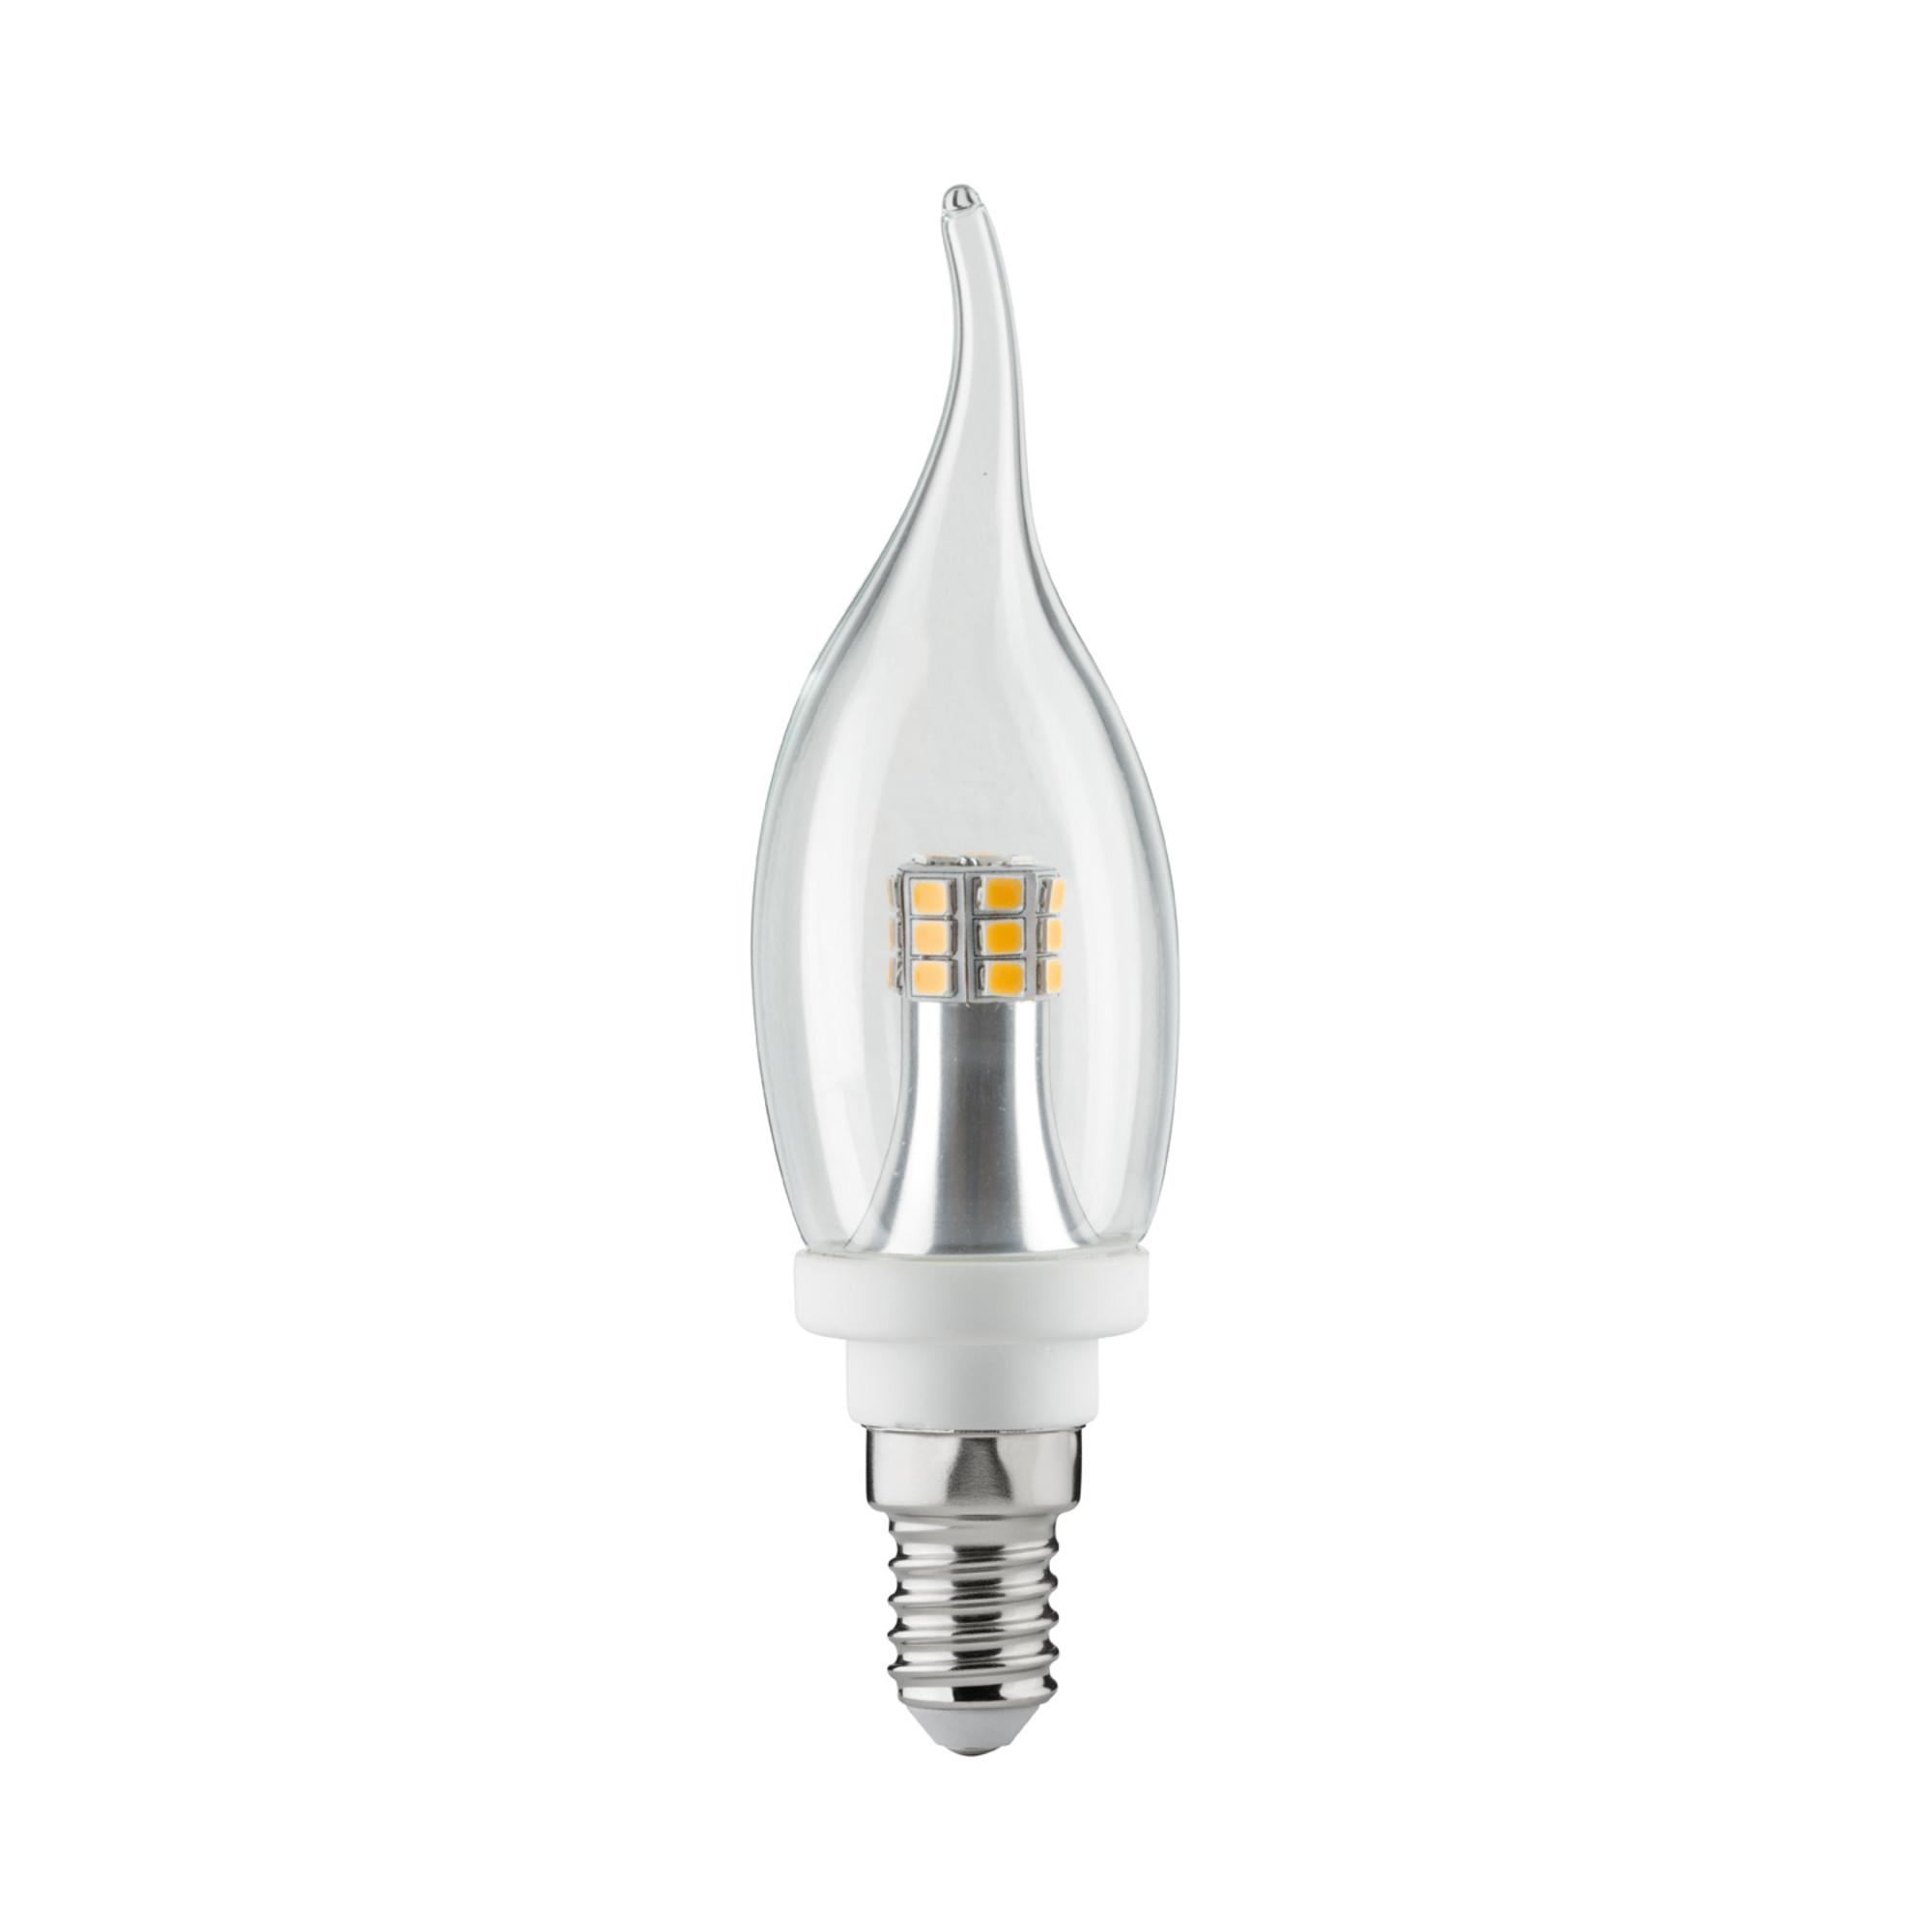 Лампа Paulmann 28306 E14 400 Лм теплый свет